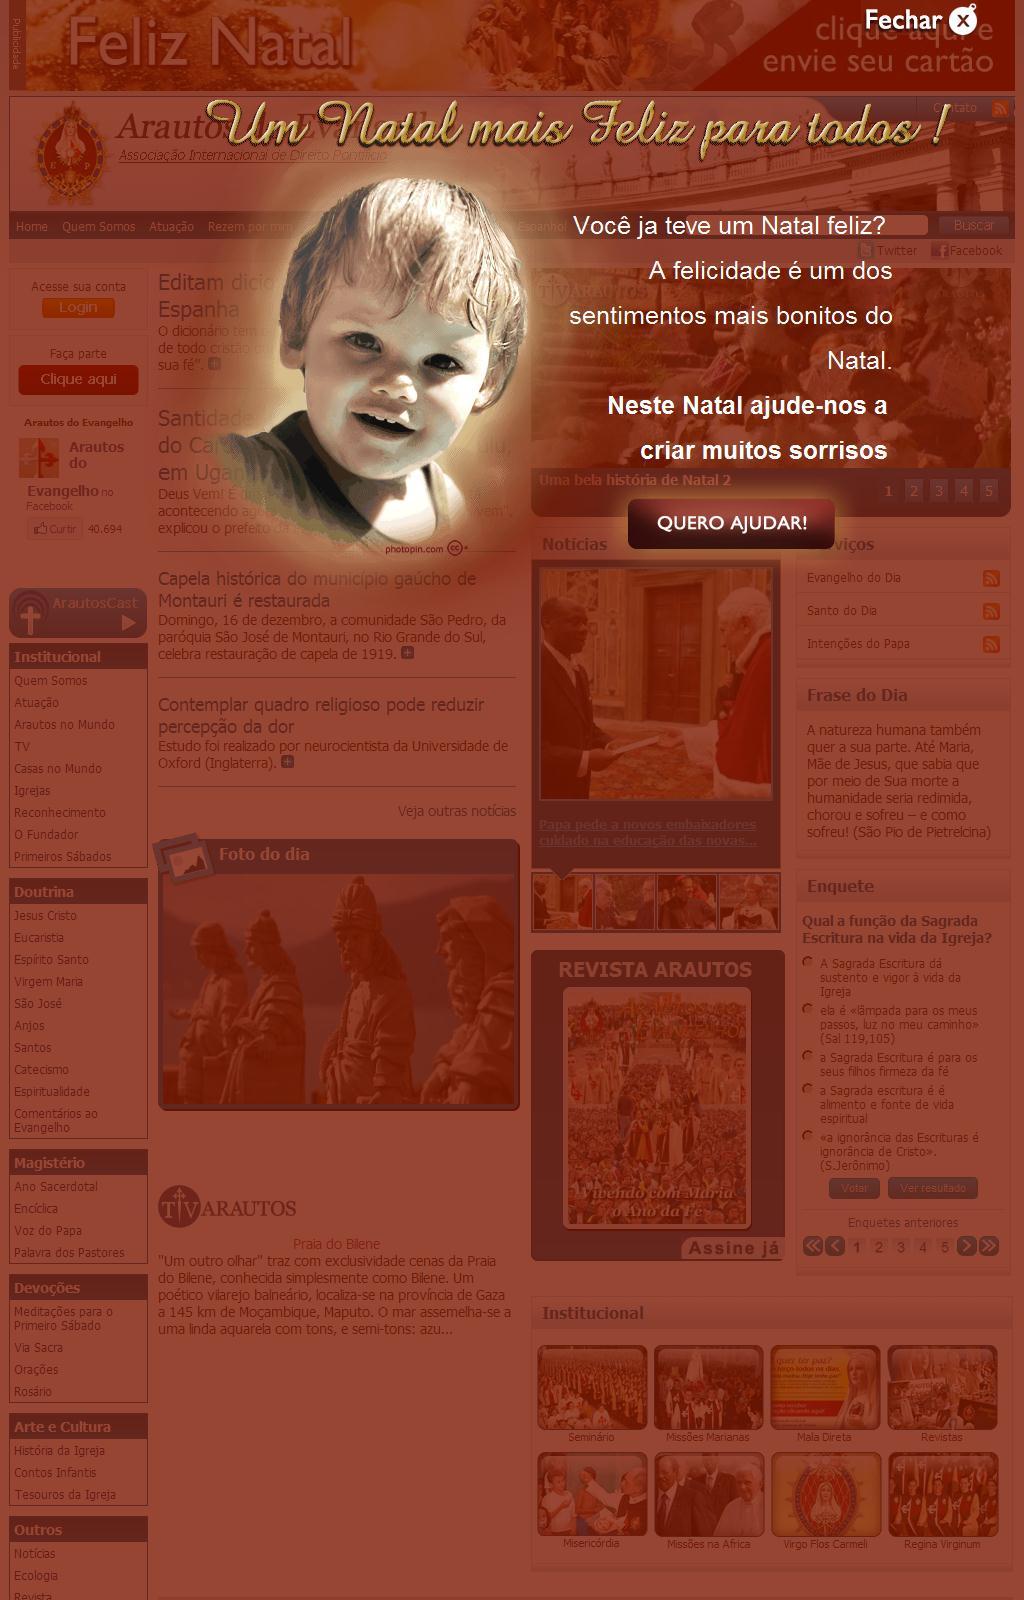 Arautos do Evangelho - Associação Internacional de Direito Pontifício - Home